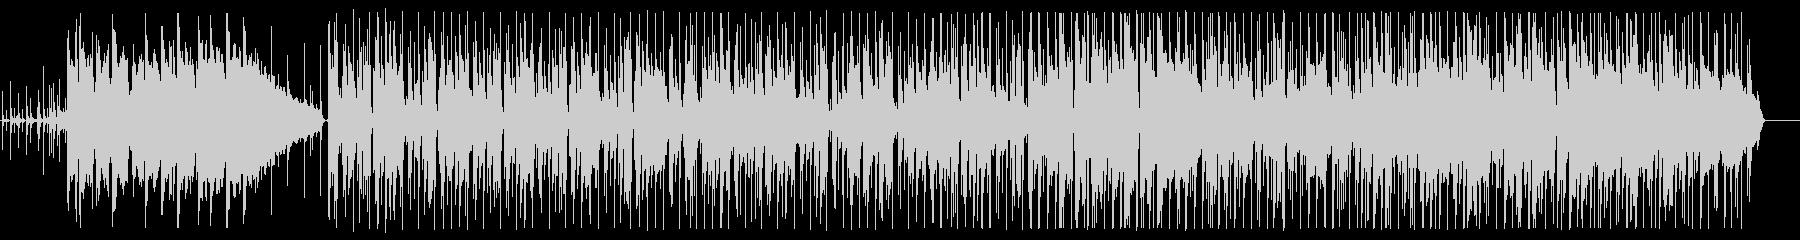 おしゃれな雰囲気のアシッドジャズの未再生の波形